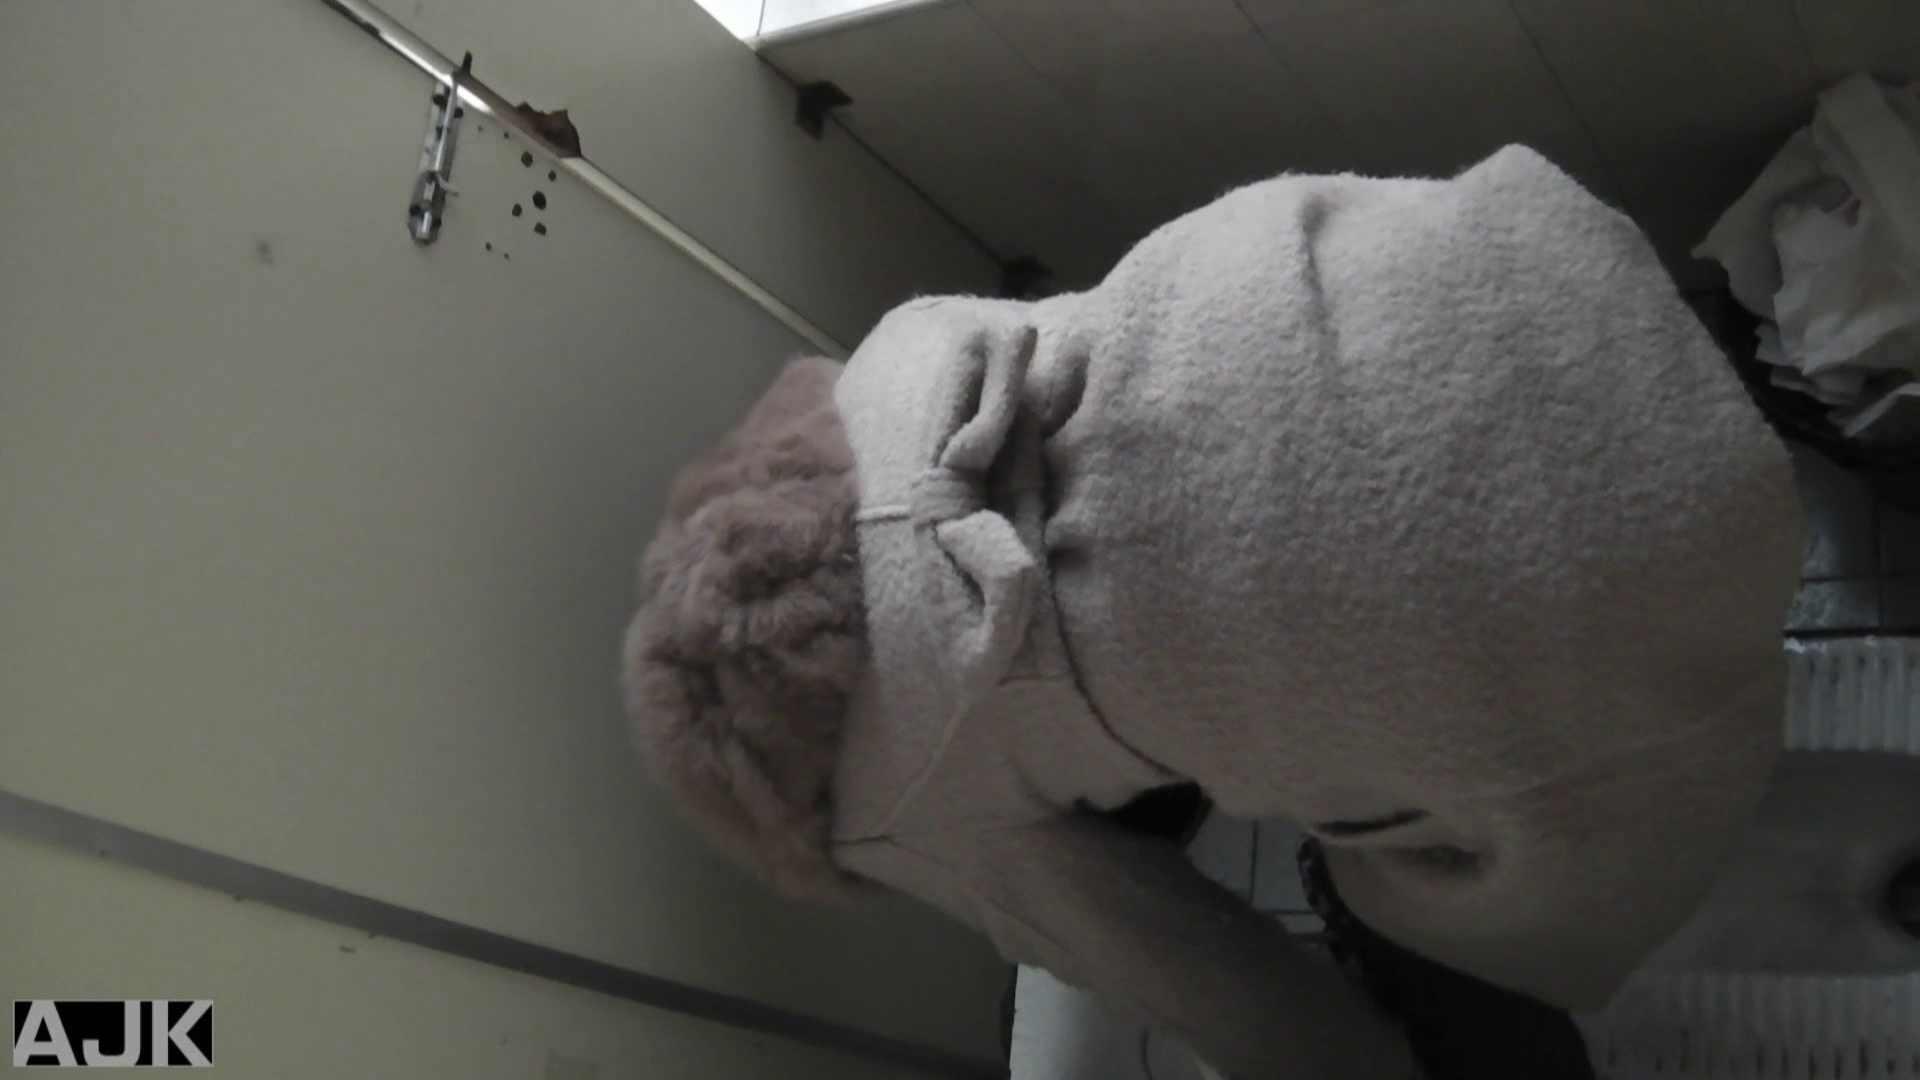 隣国上階級エリアの令嬢たちが集うデパートお手洗い Vol.09 オマンコ見放題 おまんこ動画流出 103枚 16